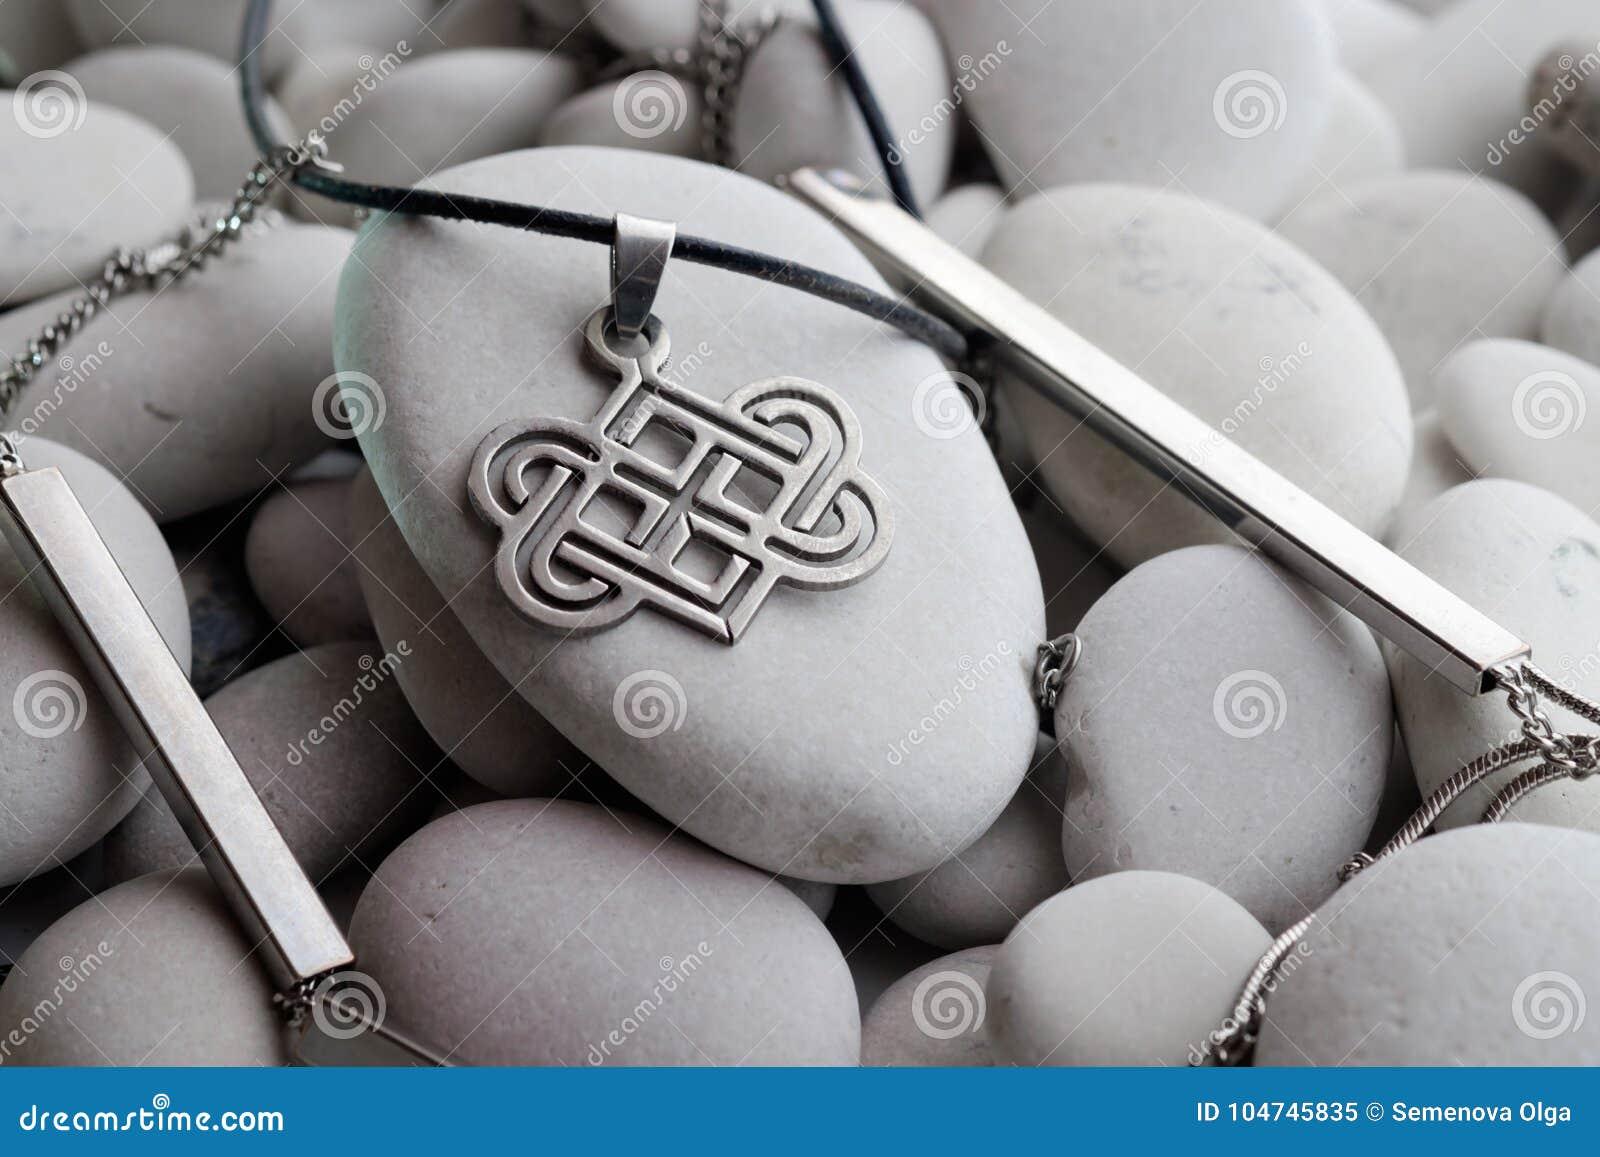 Zilveren juwelen met Keltische ontwerpen